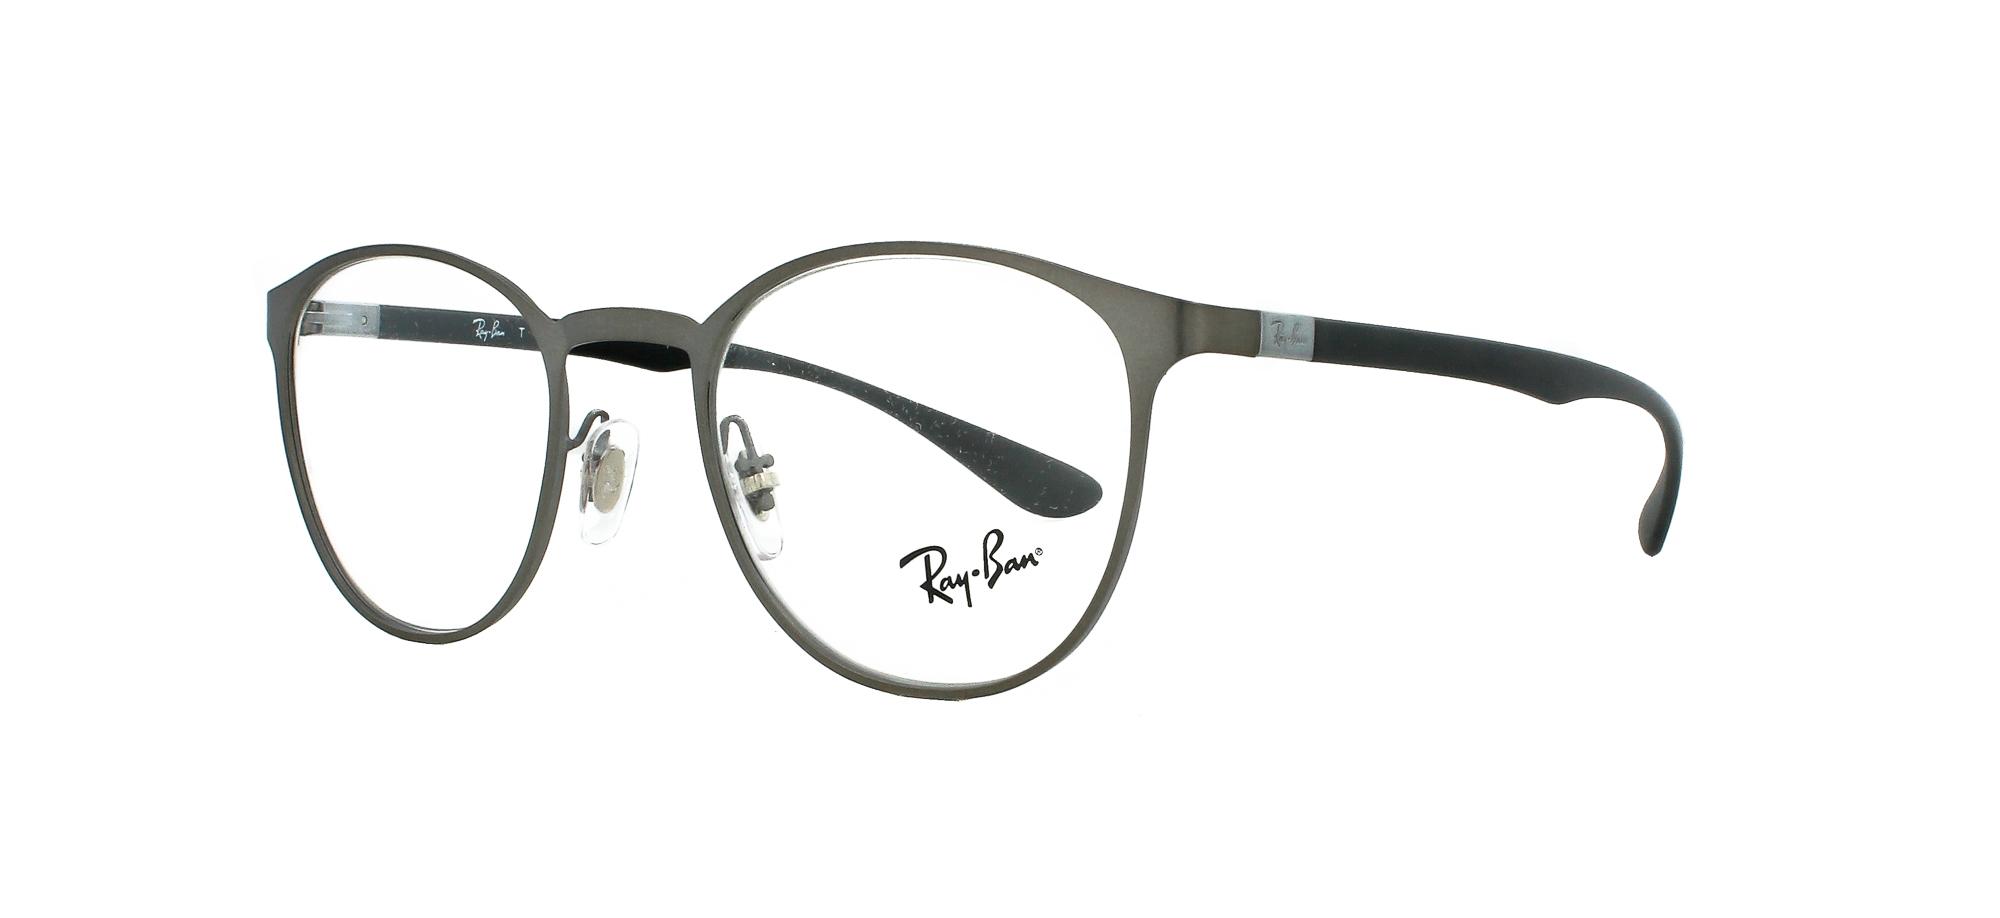 f4c51757e1 Ray Ban 6355 Eyeglasses